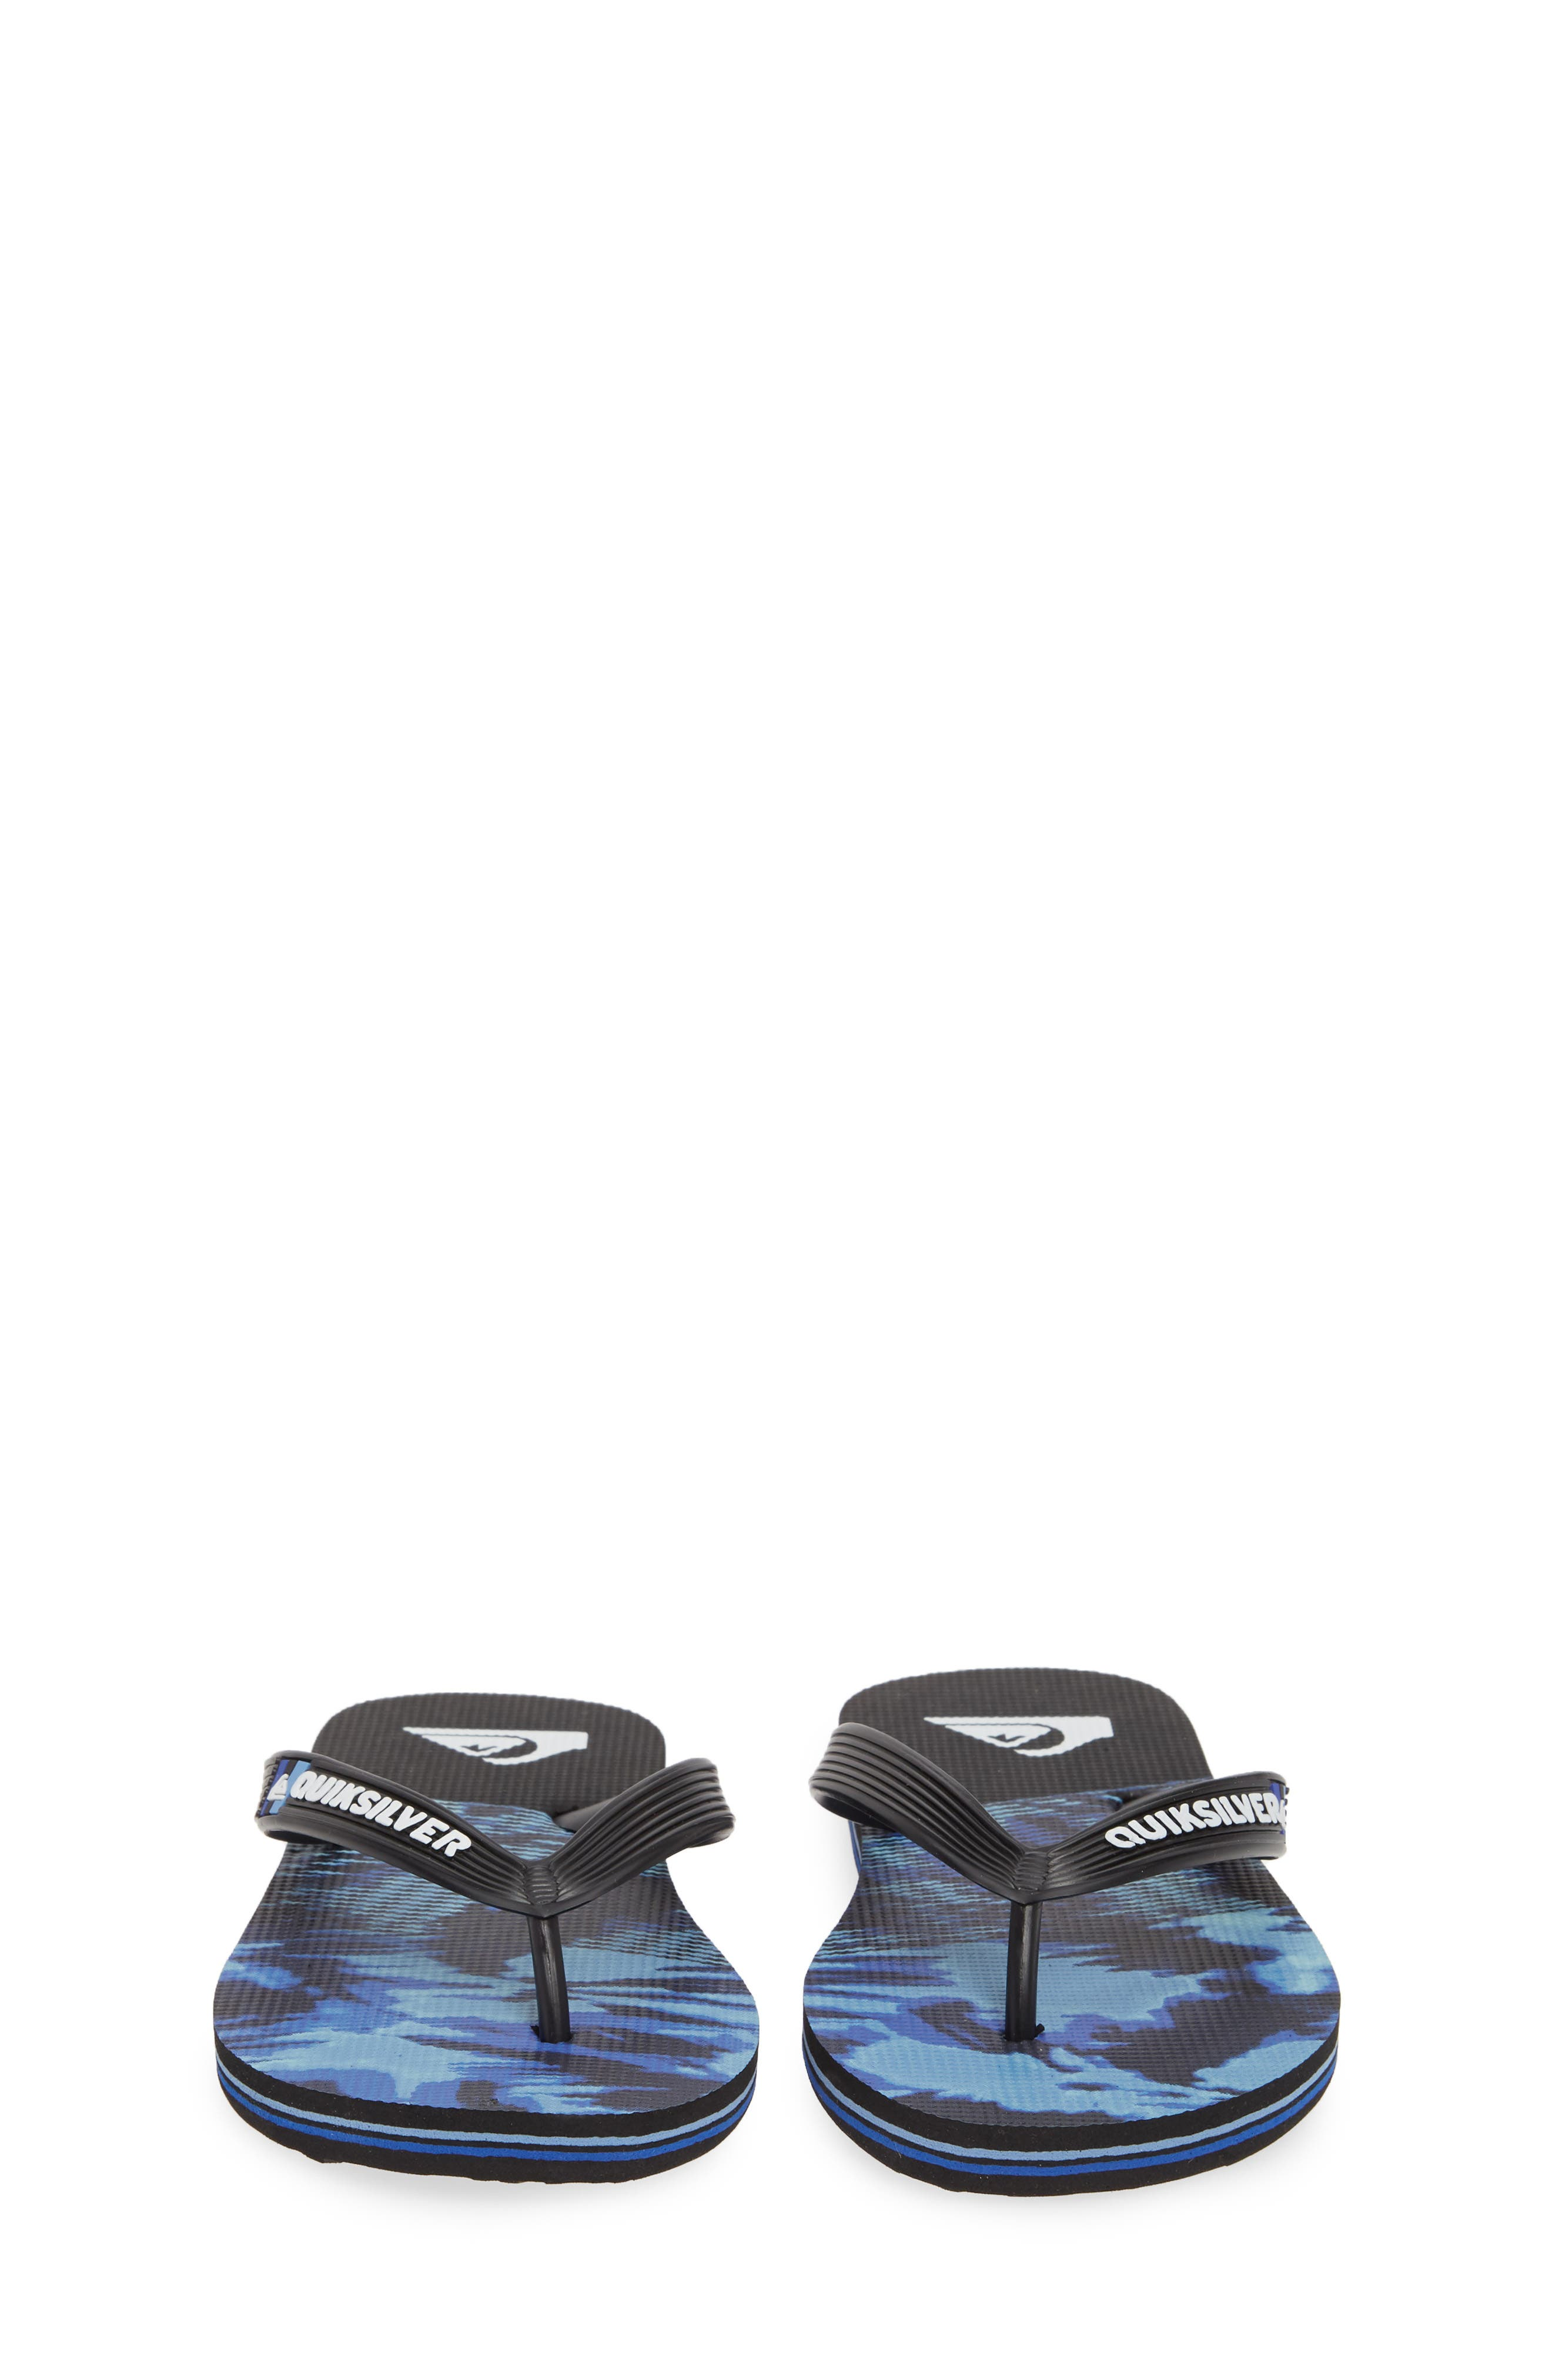 QUIKSILVER, Molokai Night Marcher Flip Flop, Alternate thumbnail 5, color, 006